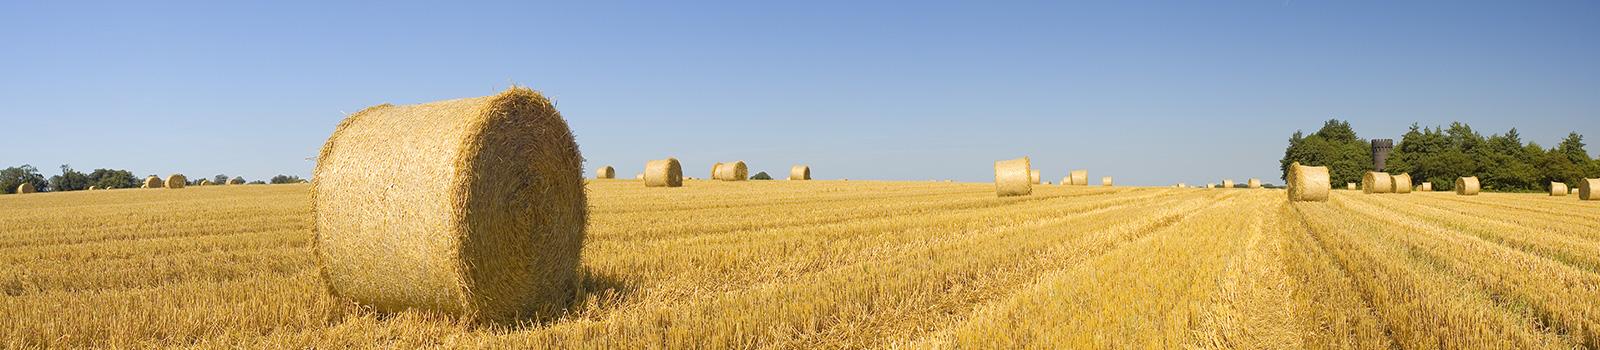 Bale-field2